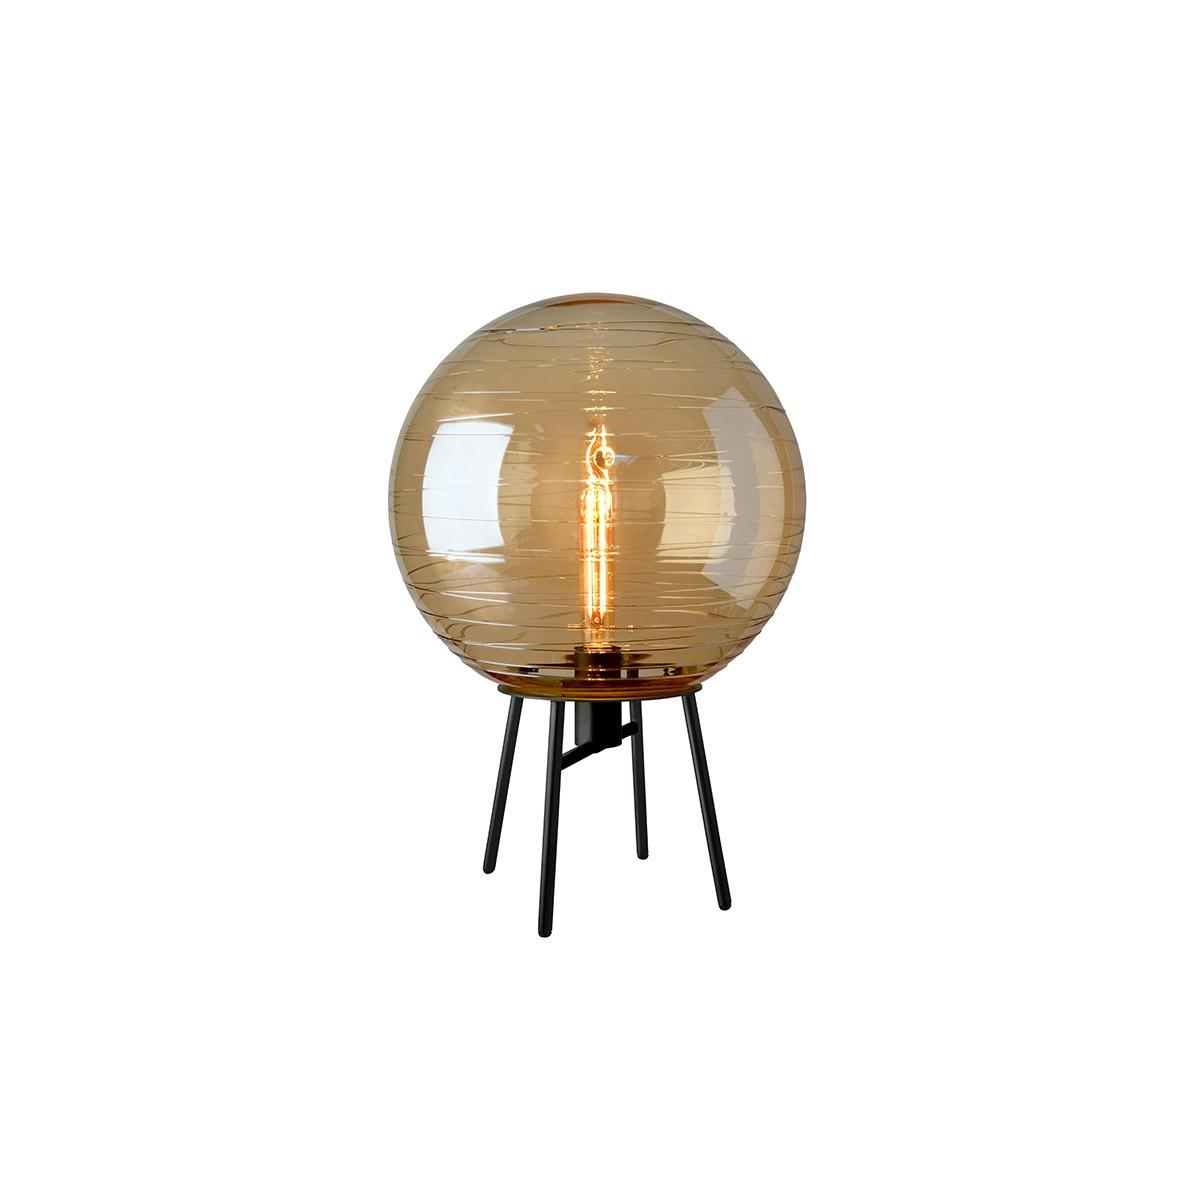 Sompex Lantaren Tischleuchte, Glas: amber (goldbraun)